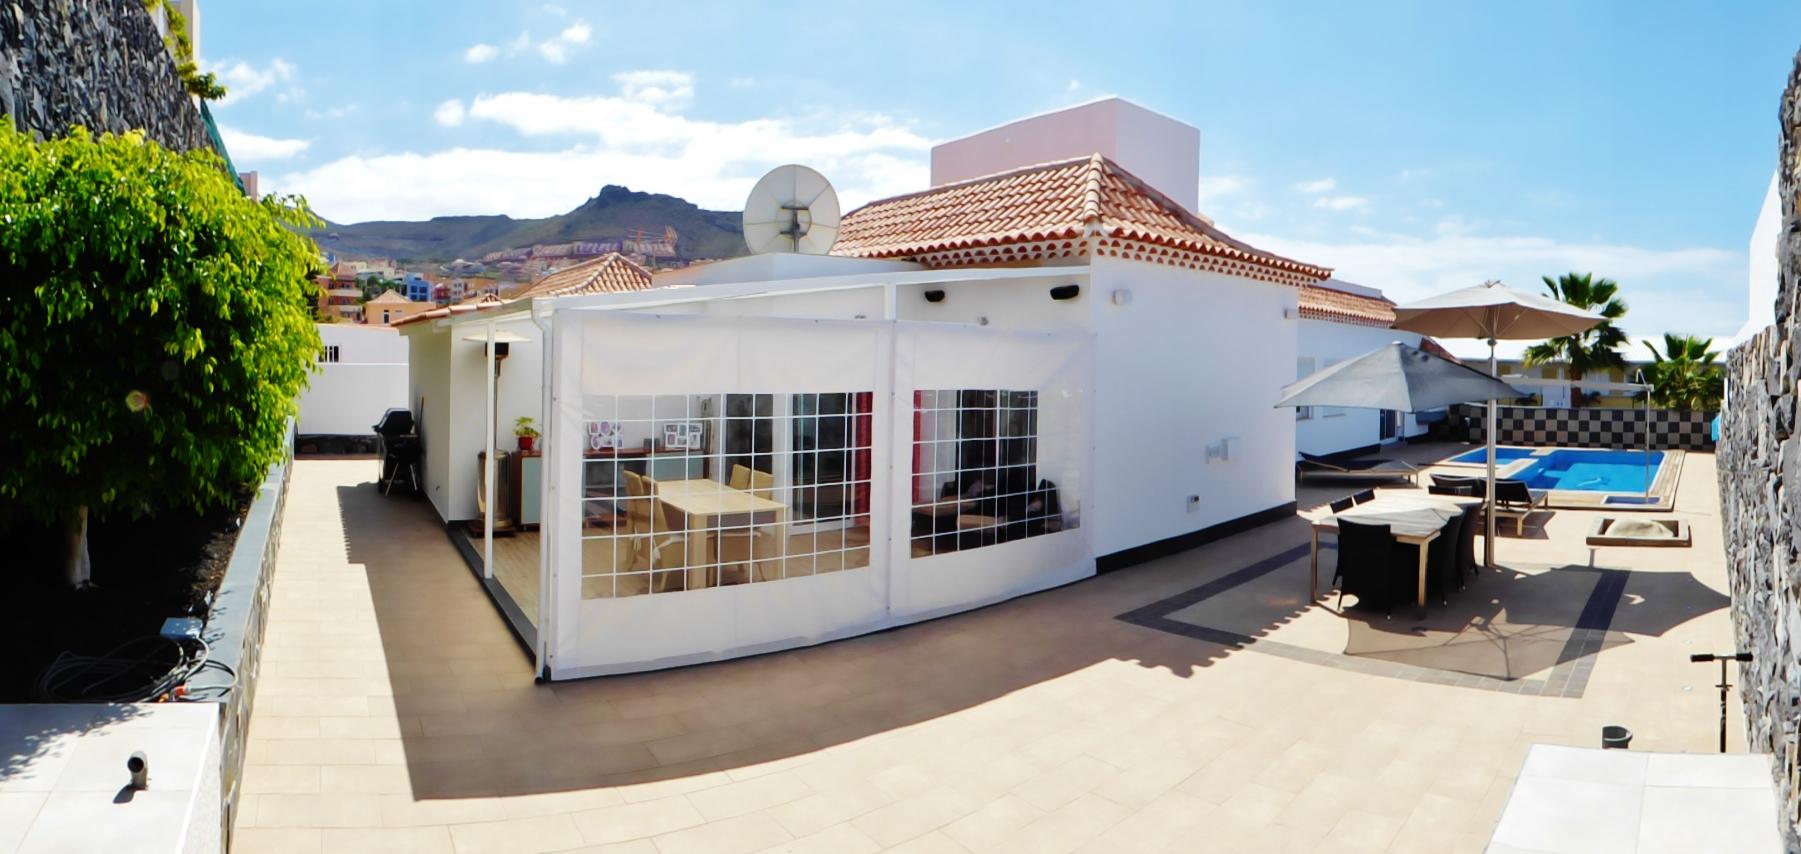 Einfamilienhaus für Verkauf beim El Madroñal Avenida Madroñal Adeje, Tenerife Canary Islands 38670 Spanien